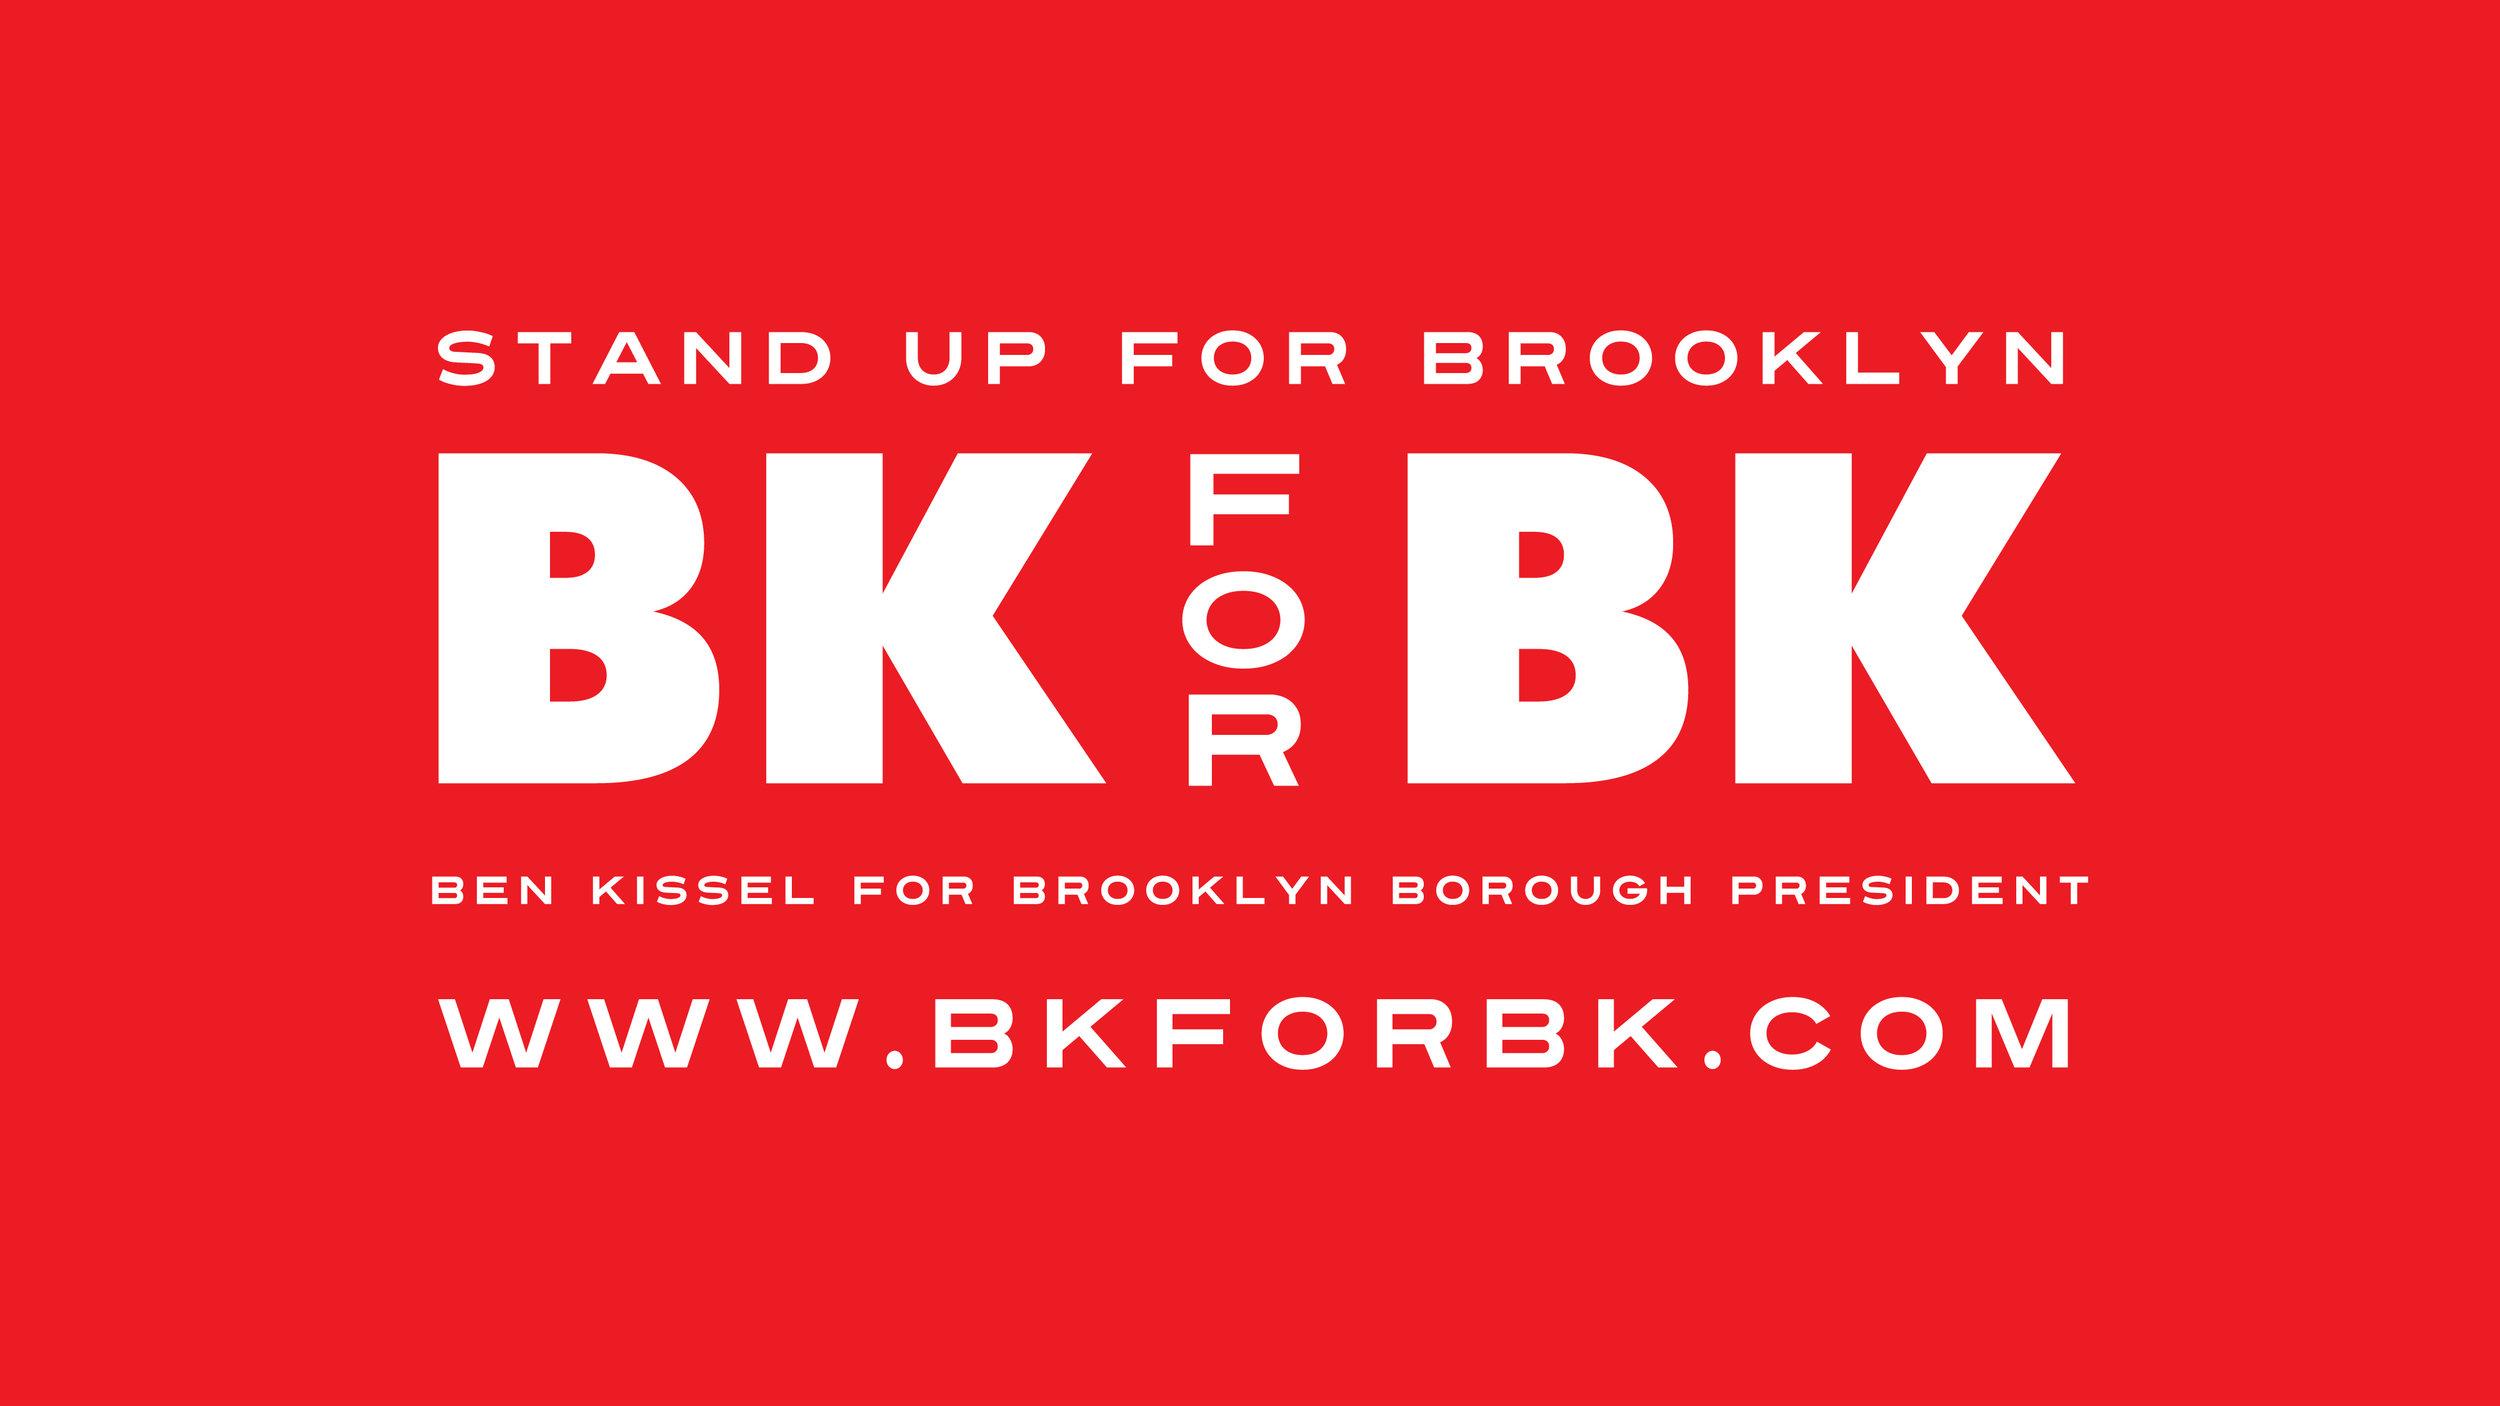 bkbk3-01.jpg